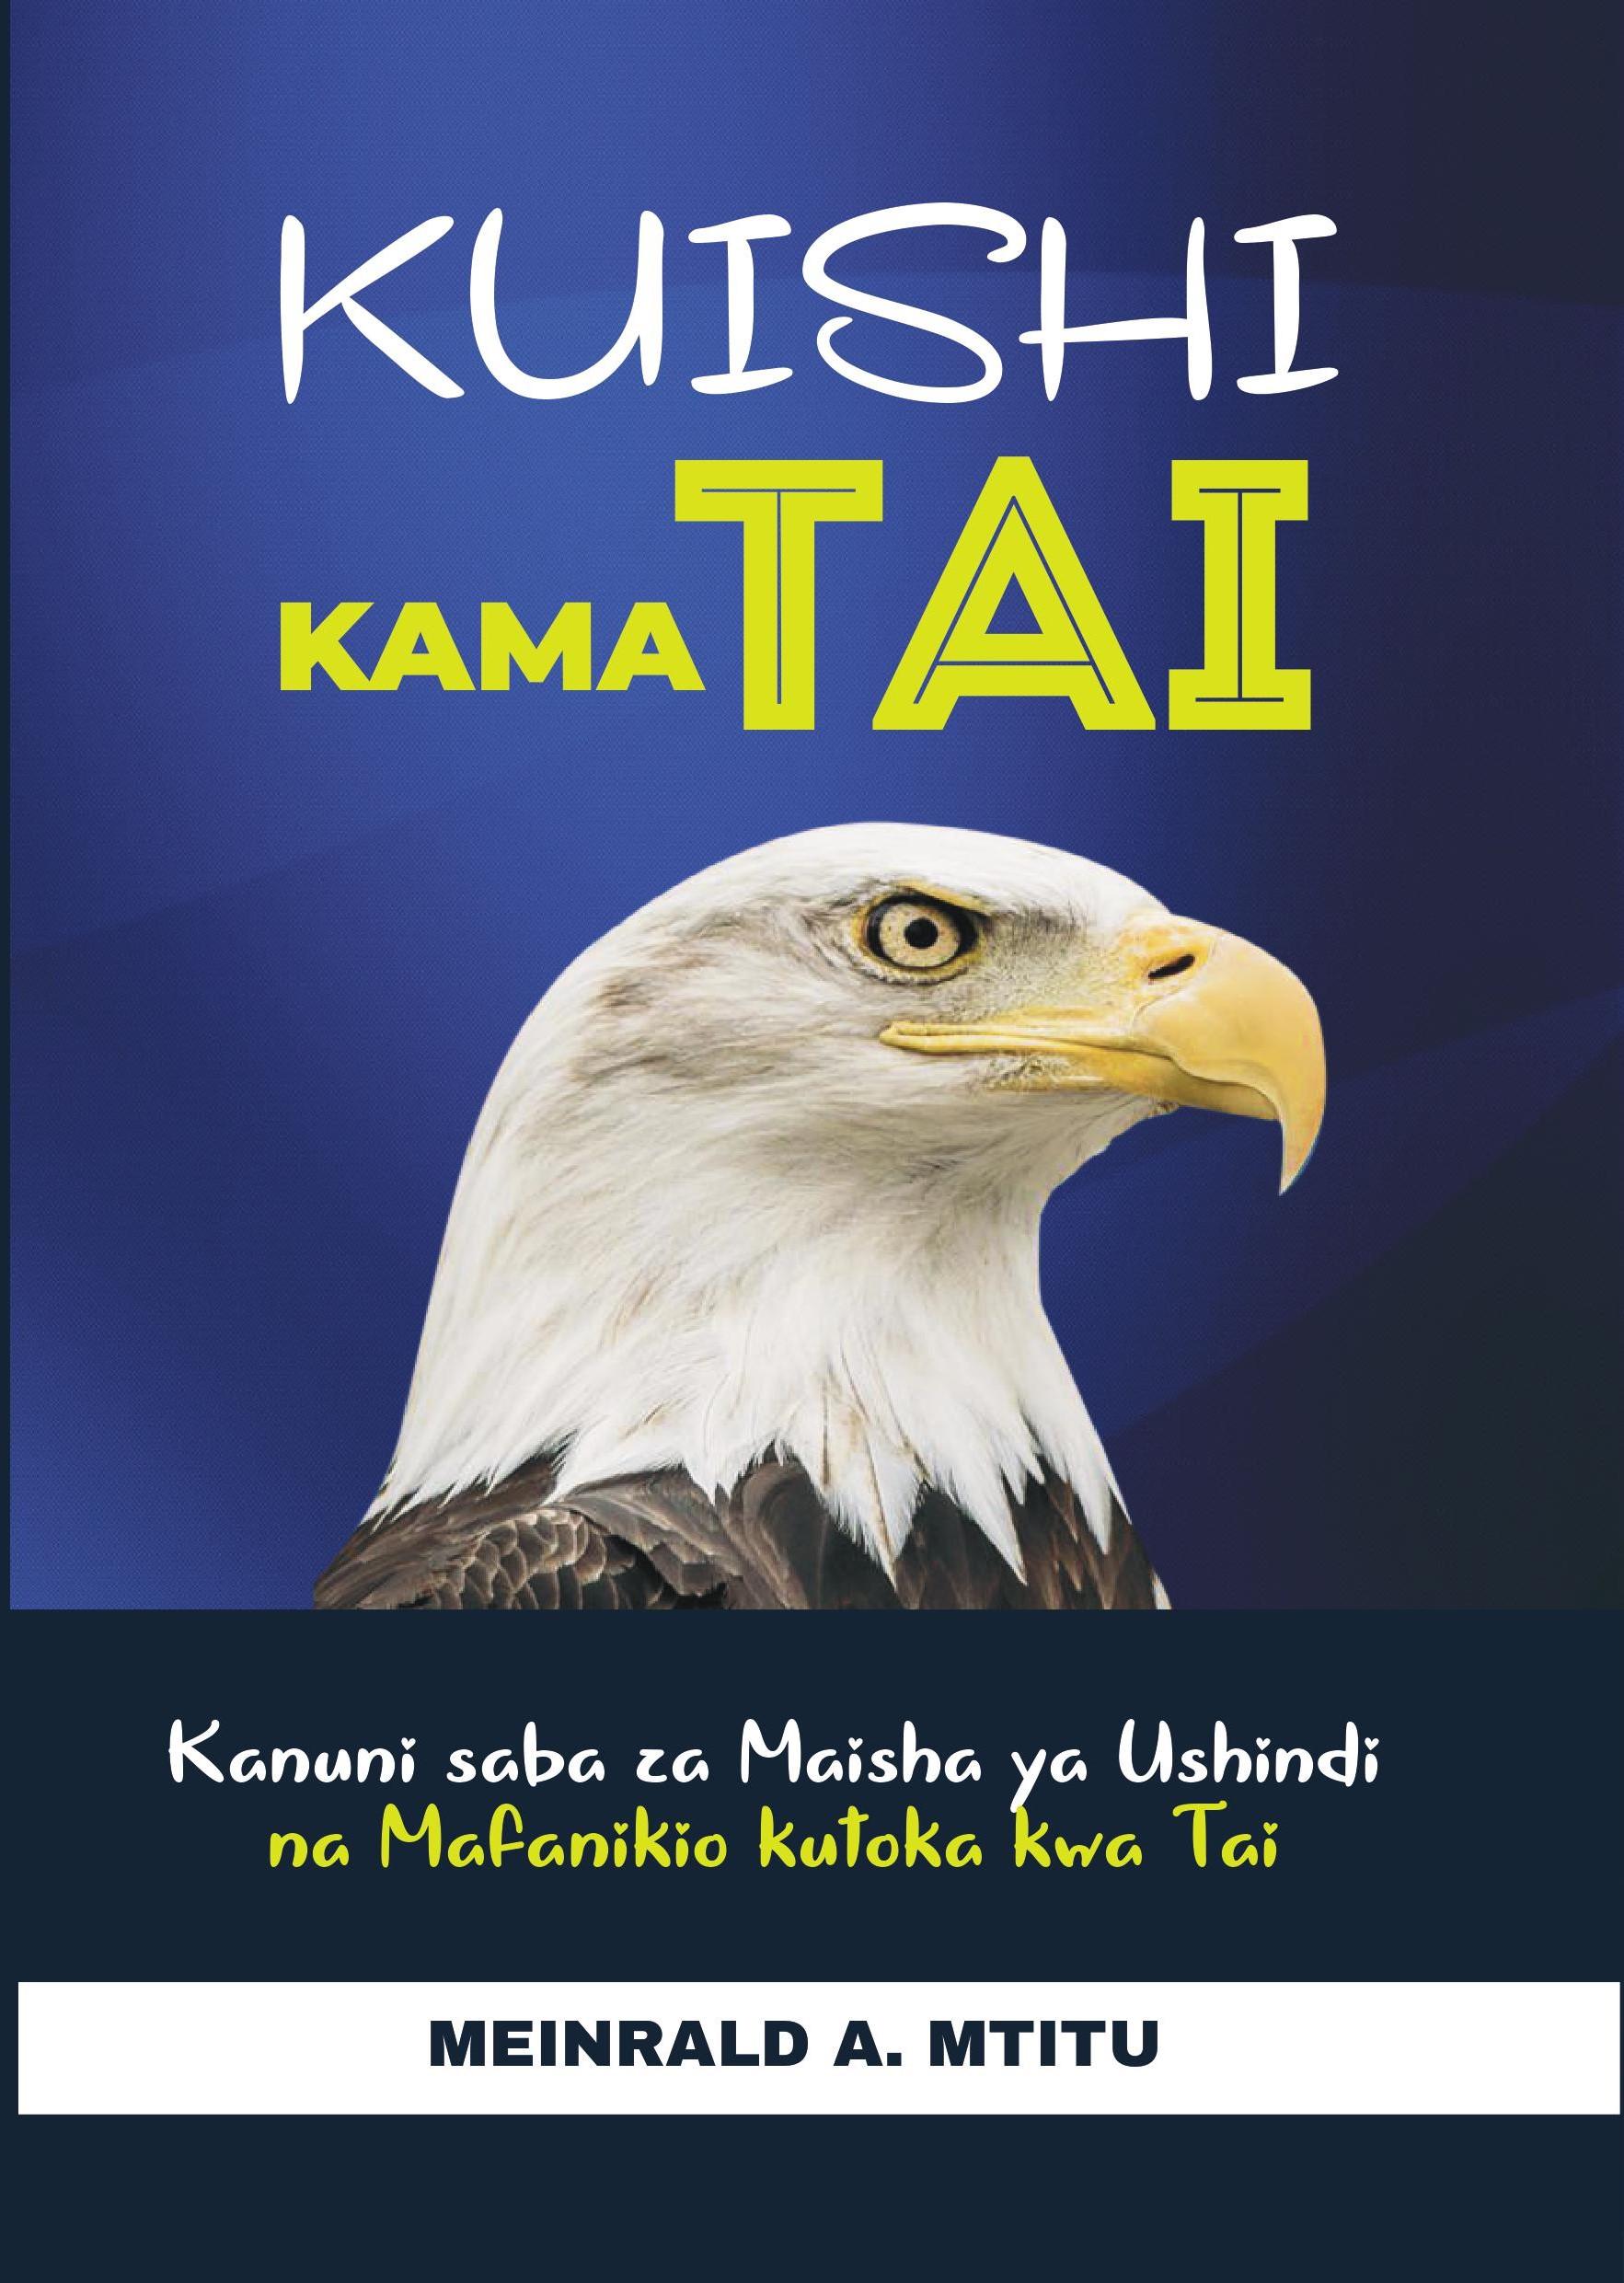 KUISHI KAMA TAI